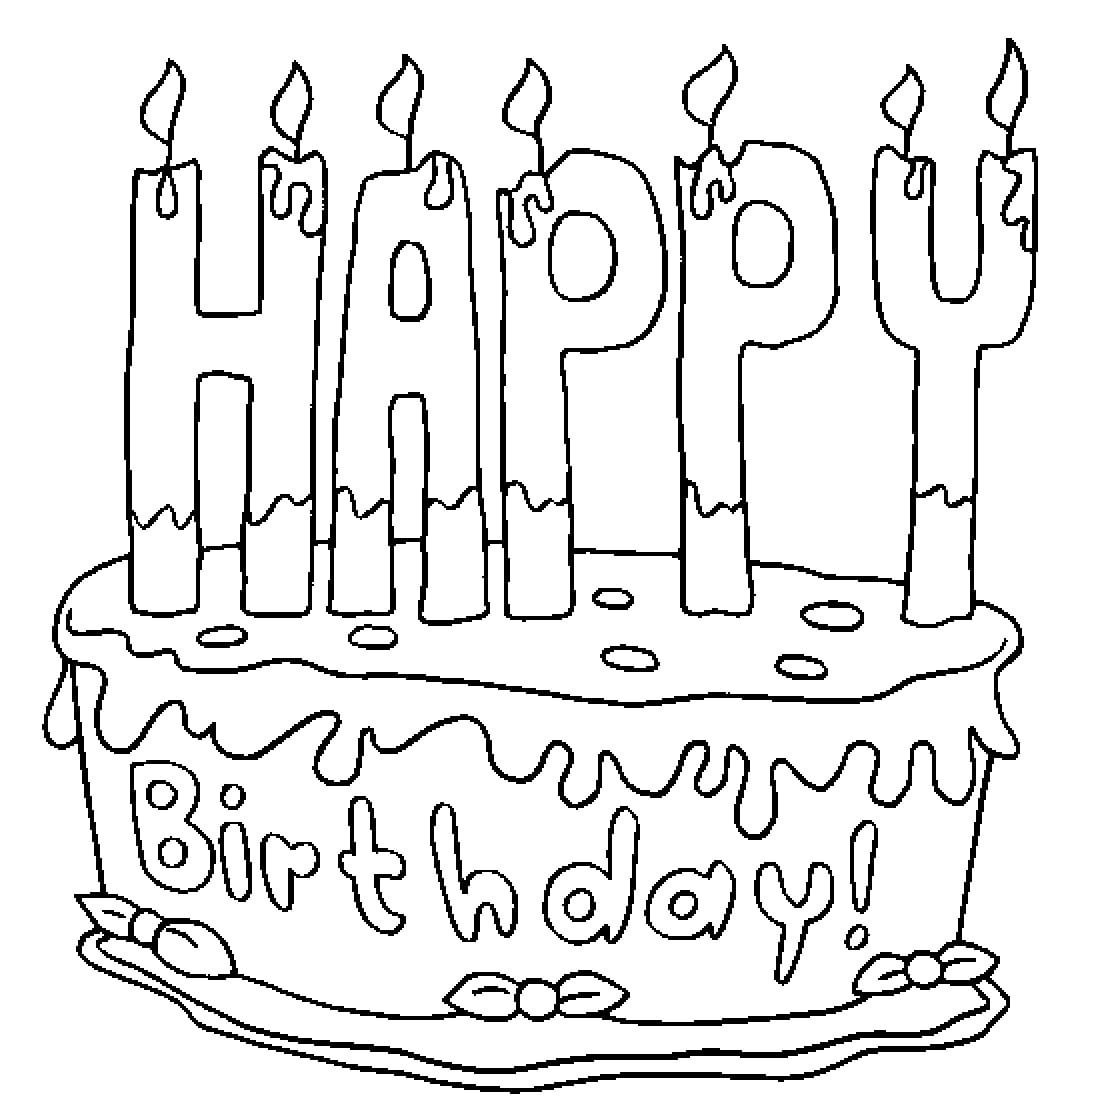 Днем, как нарисовать красивую открытку на день рождения дяде